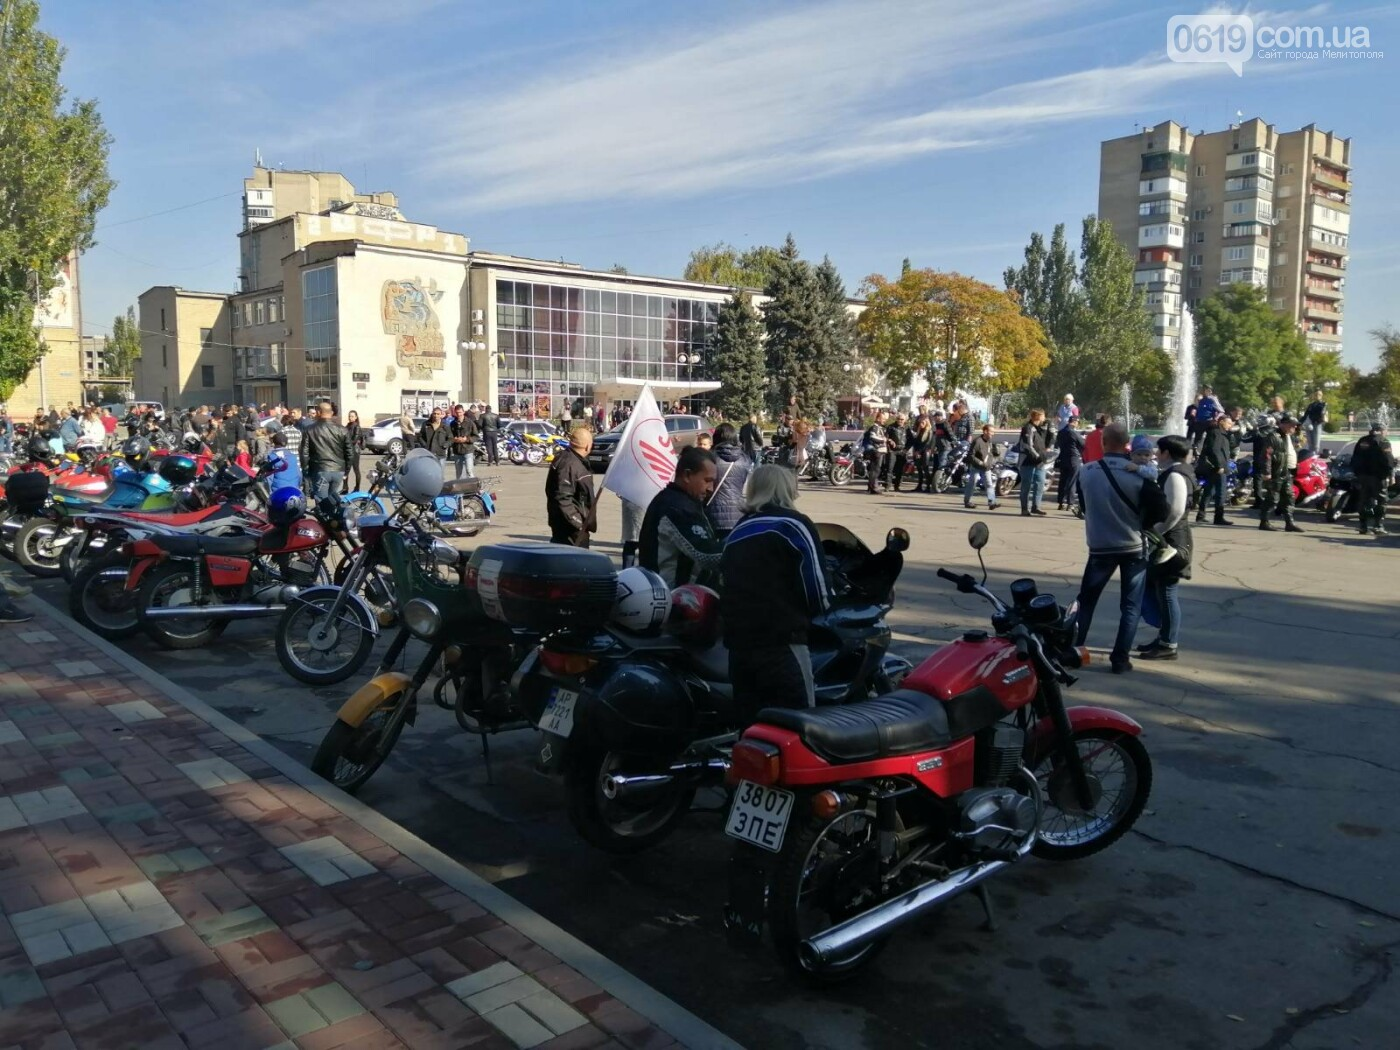 Байкеры проехали колонной по Мелитополю в честь закрытия мотосезона, - ФОТО, фото-3